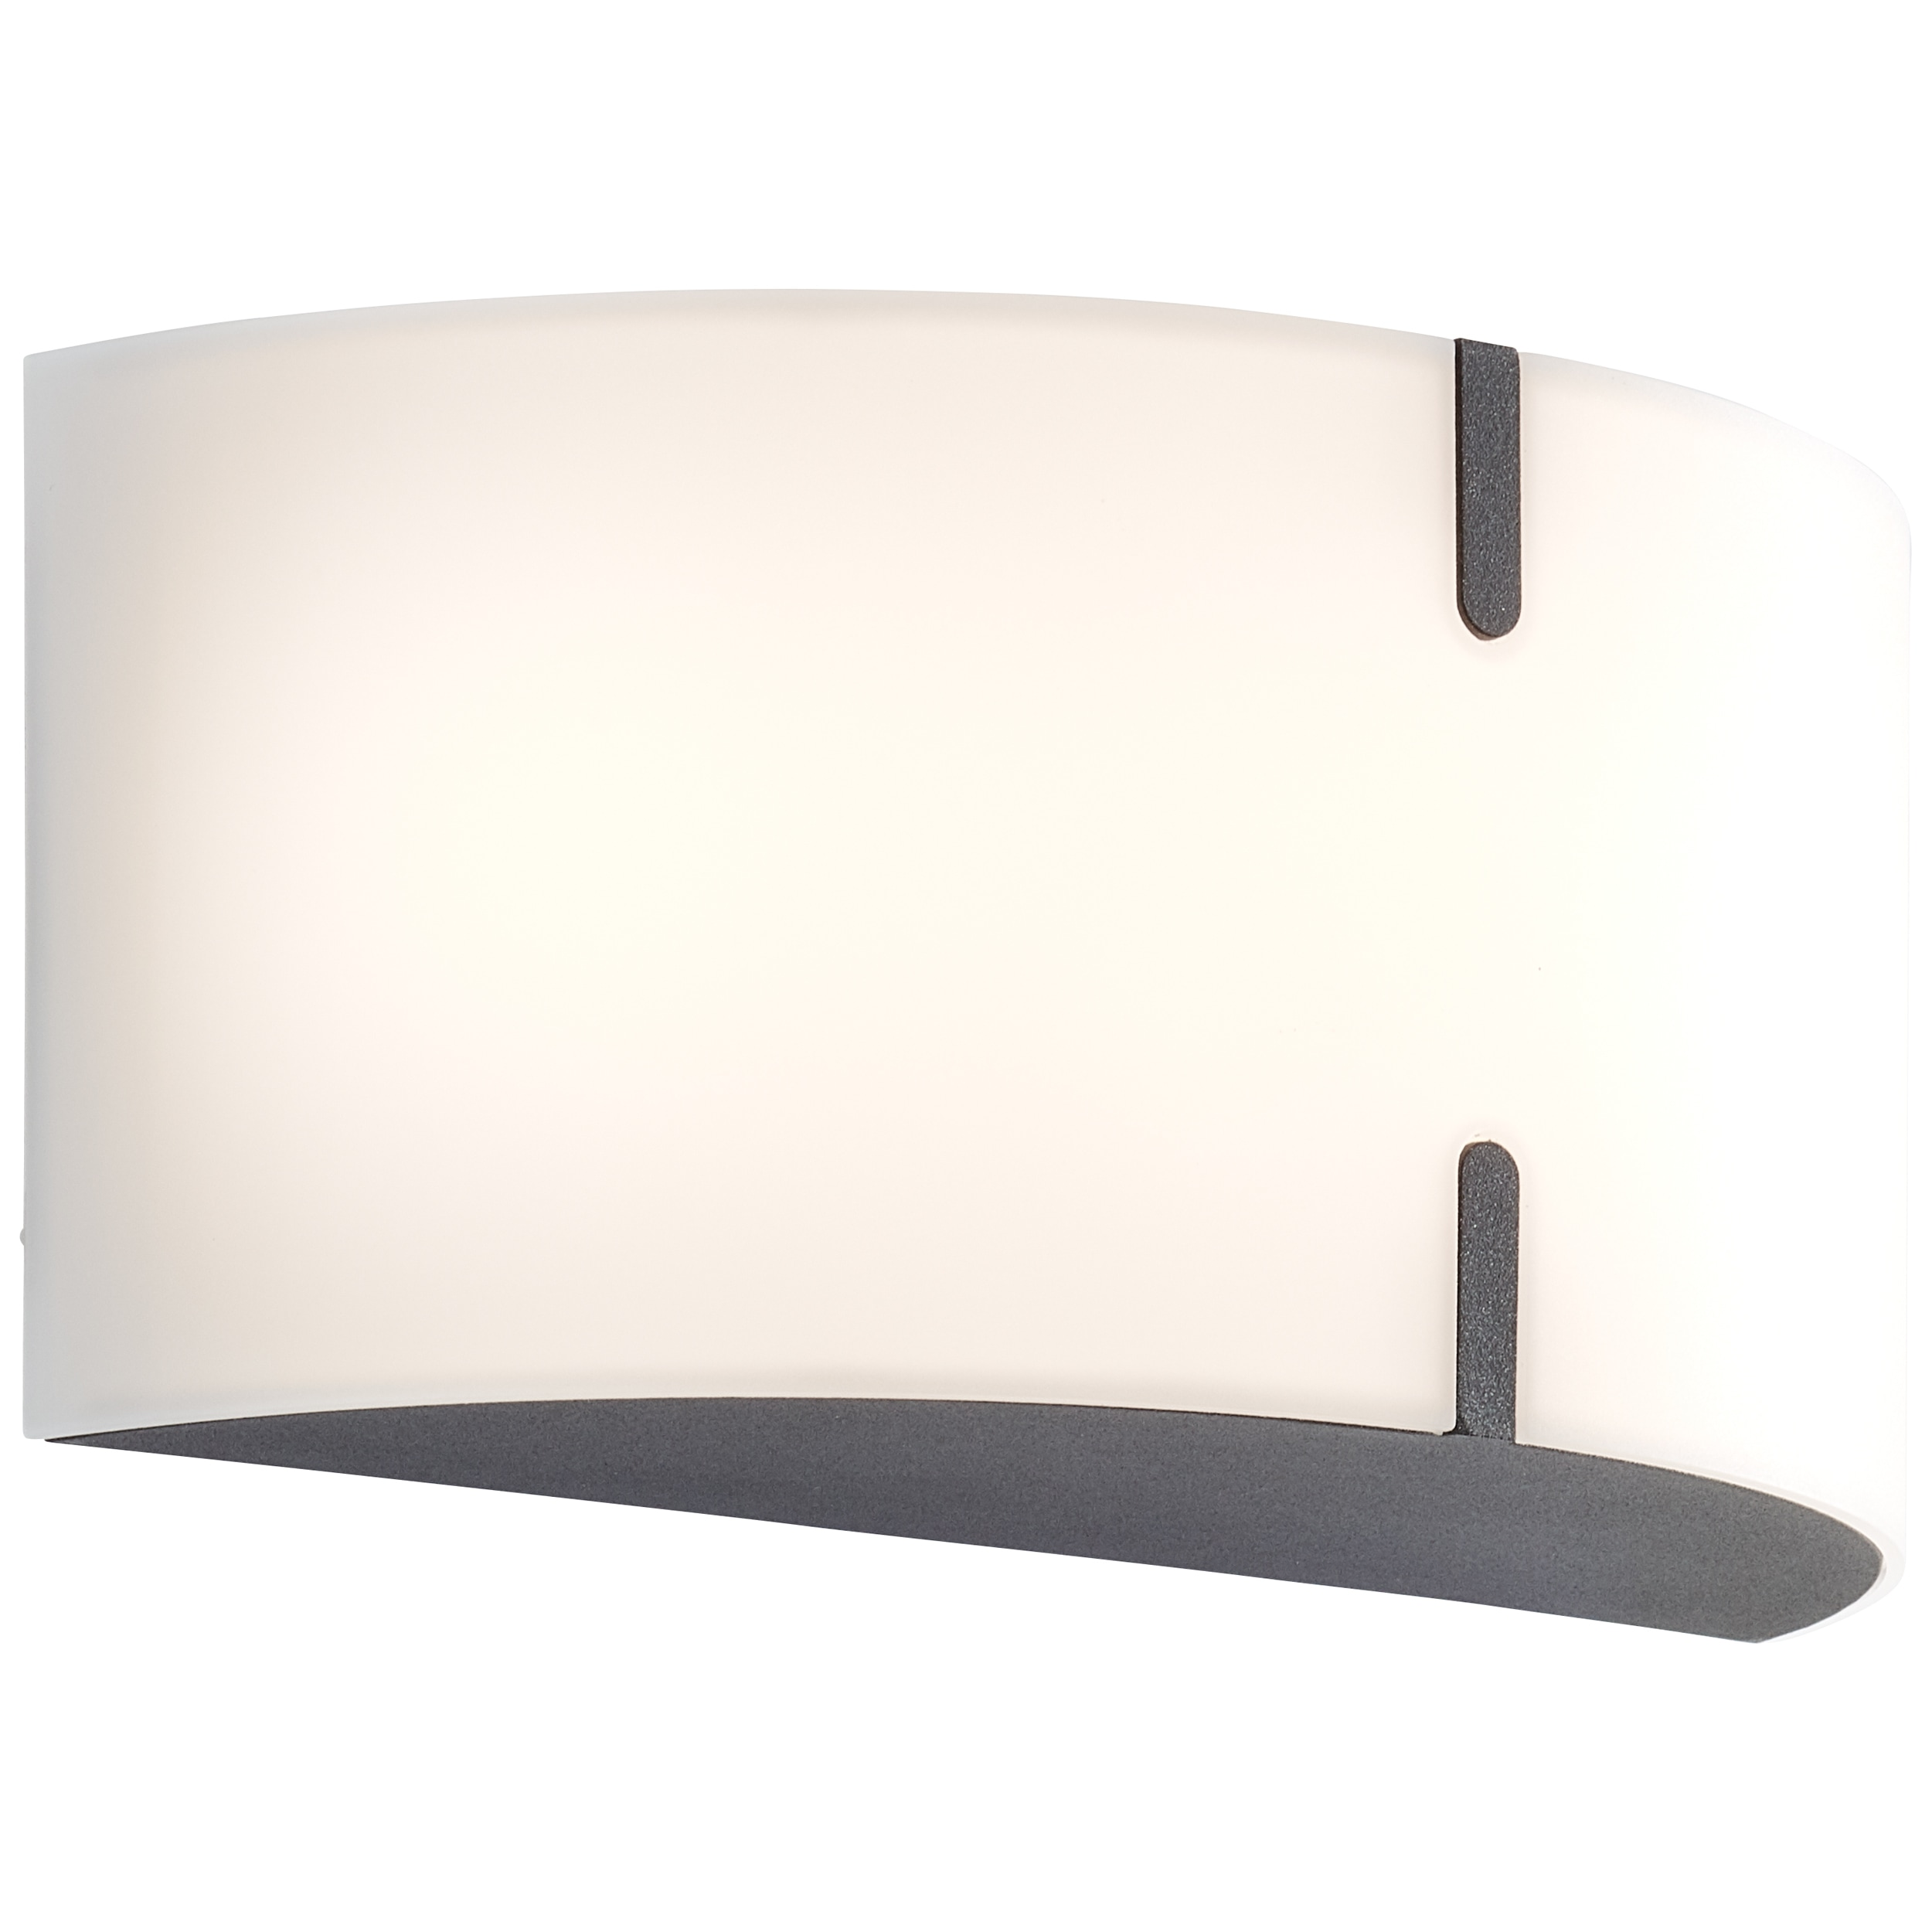 AEG Haily LED Außenwandleuchte anthrazit/weiß